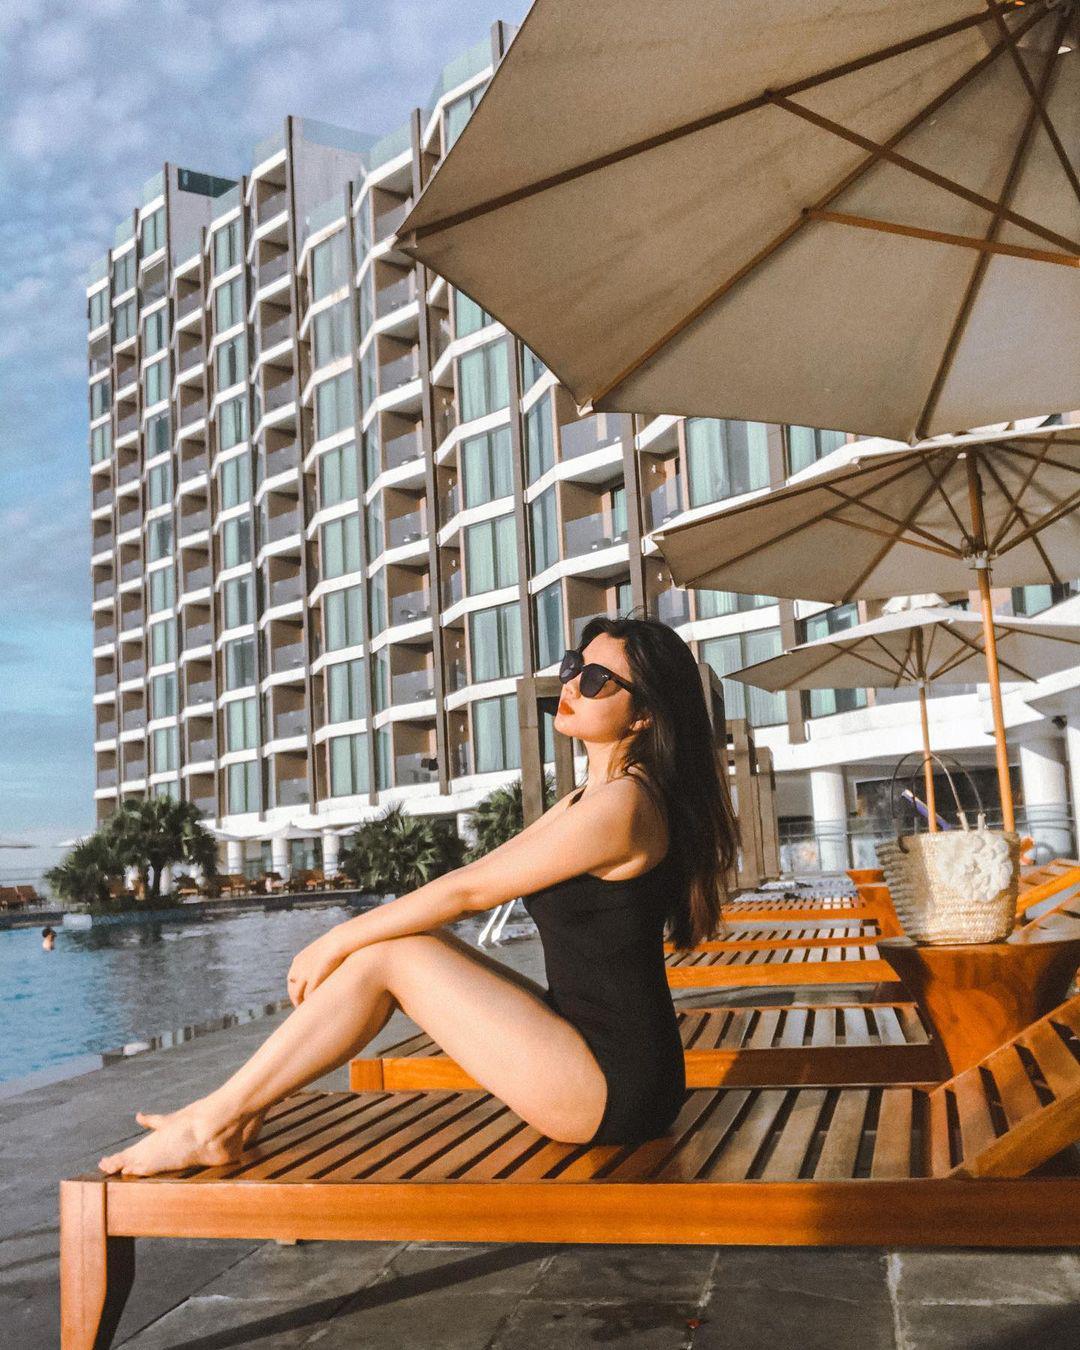 """Ngoài biển, Sầm Sơn còn một """"thiên đường nước"""" với hơn 150 bể bơi để bạn """"chill"""" thỏa sức hè này - Ảnh 5."""